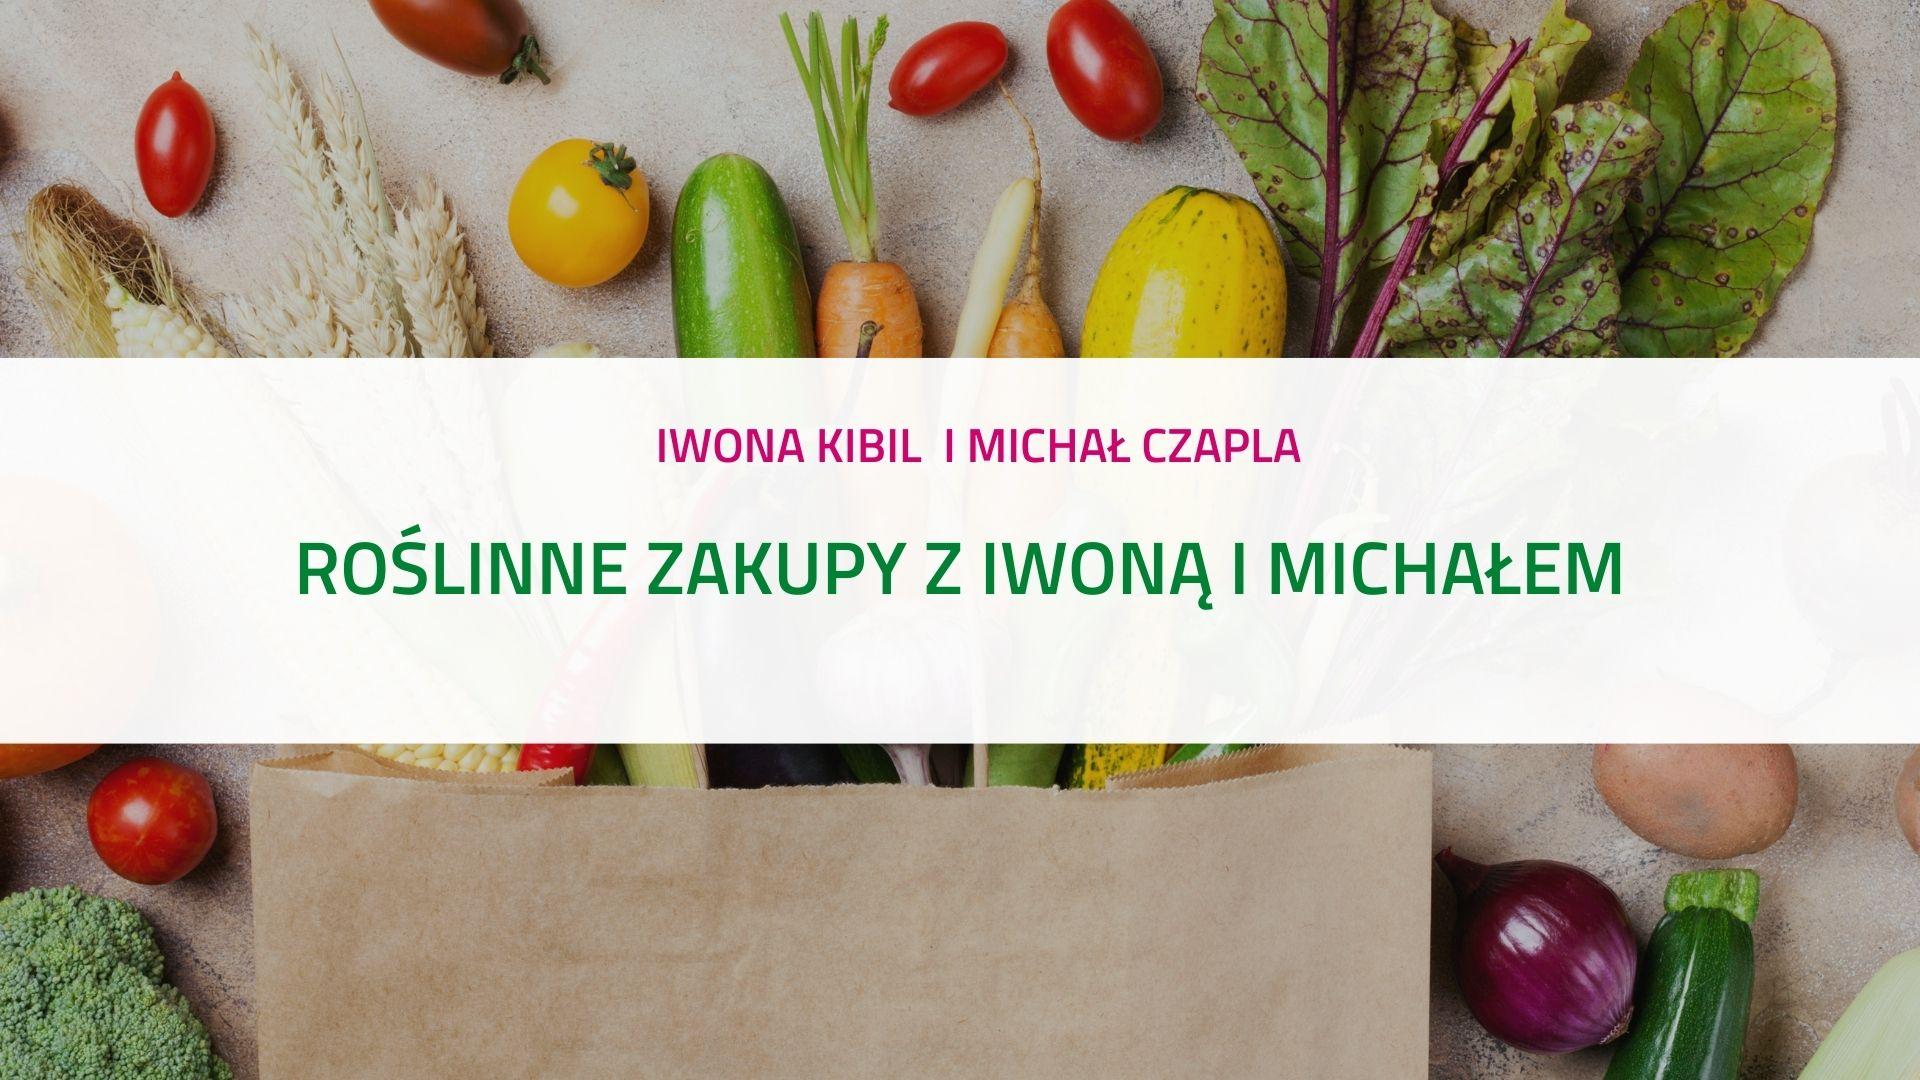 Roślinne zakupy z Iwoną i Michałem